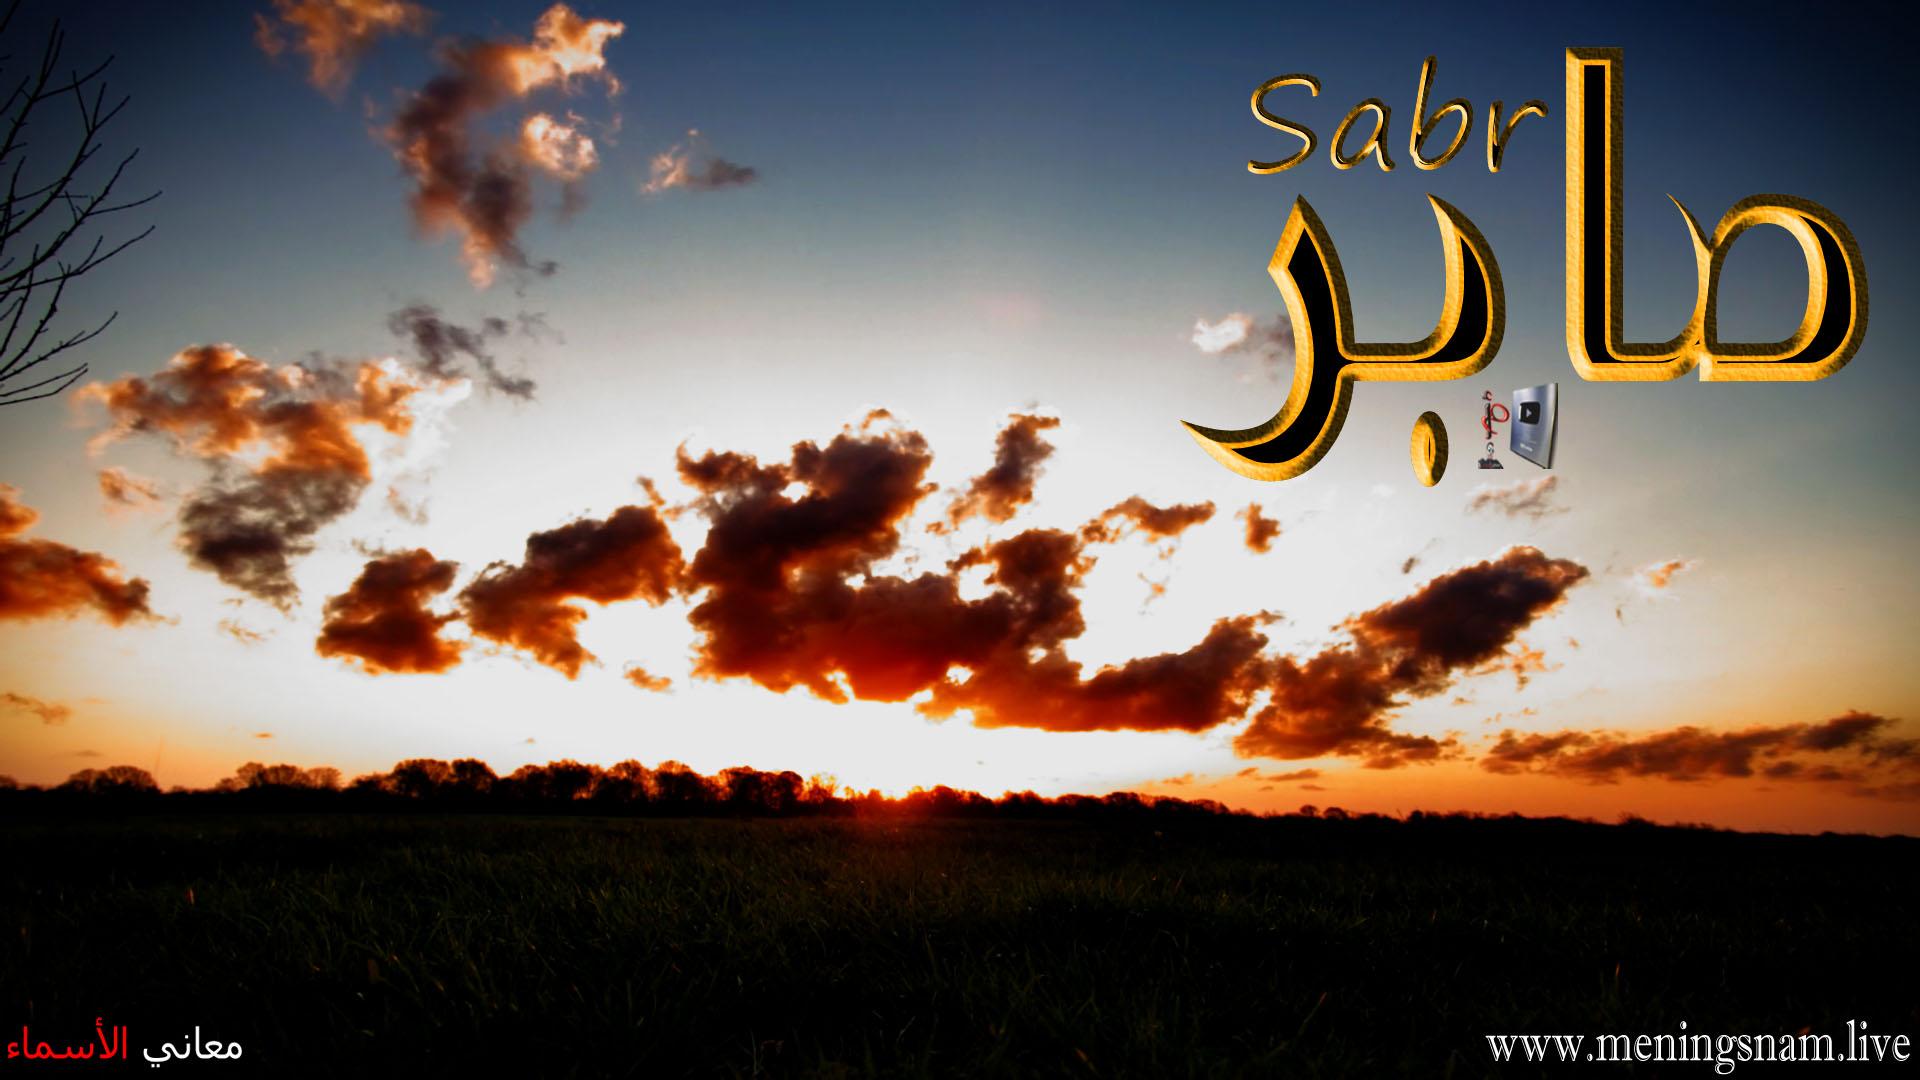 معنى اسم صابر وصفات حامل هذا الاسم Saber